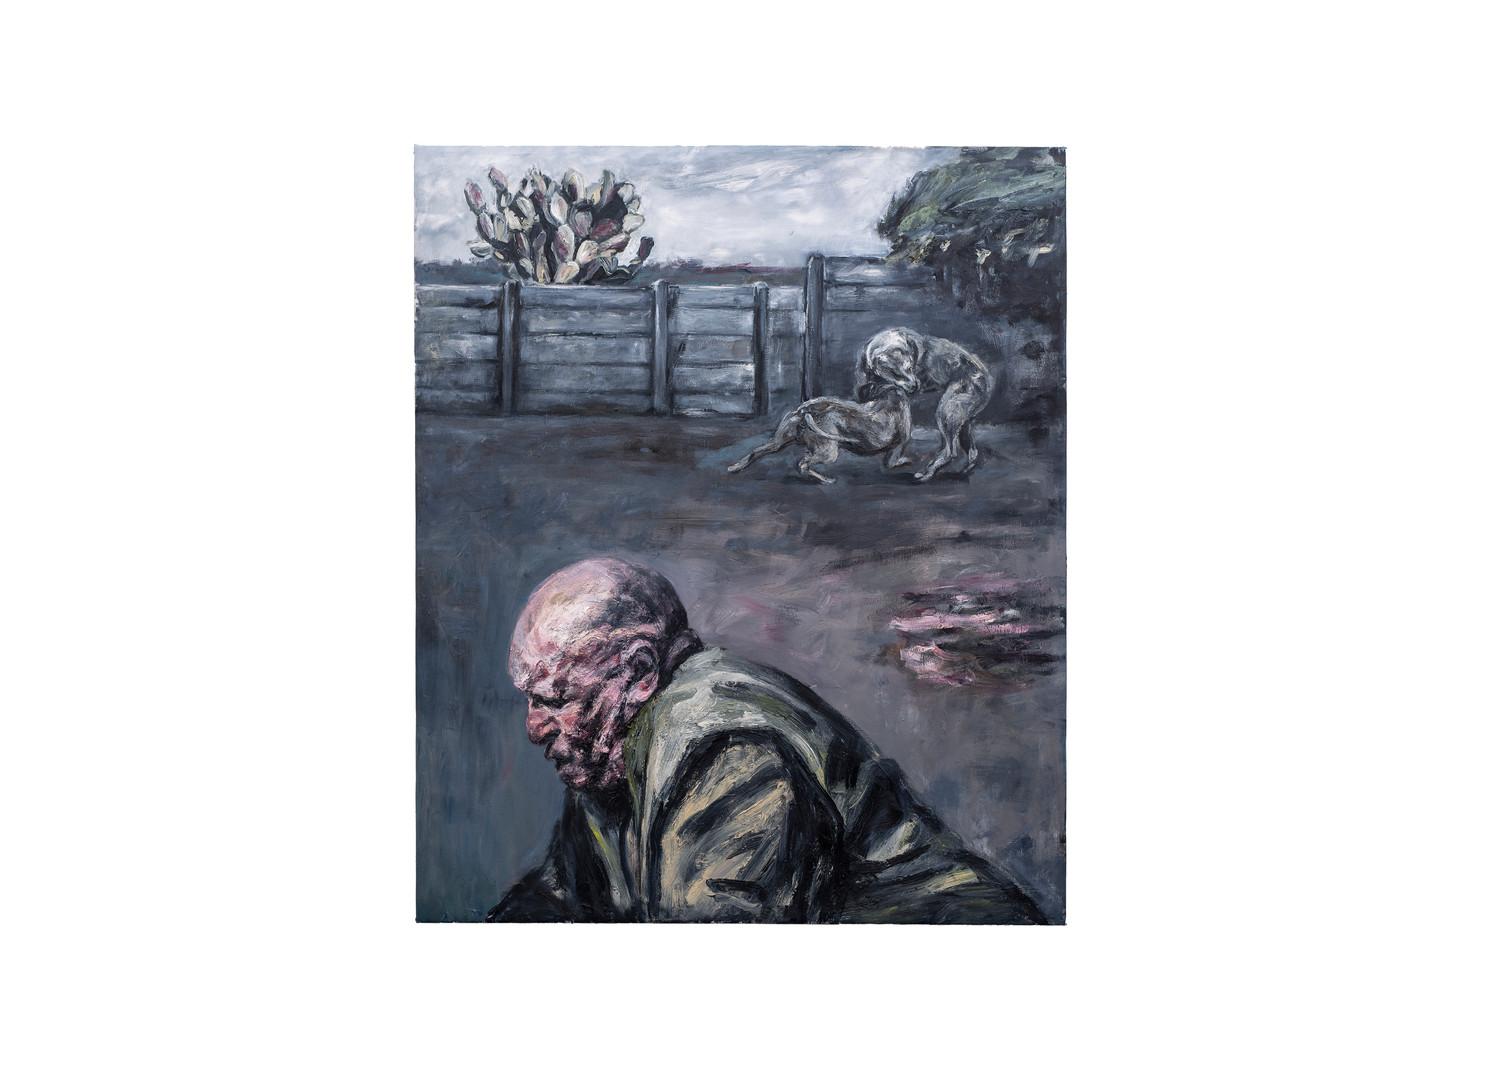 Johann Louw | Agtertuin, met die Groot Man | 2020 | Oil on Canvas | 175 x 209 cm